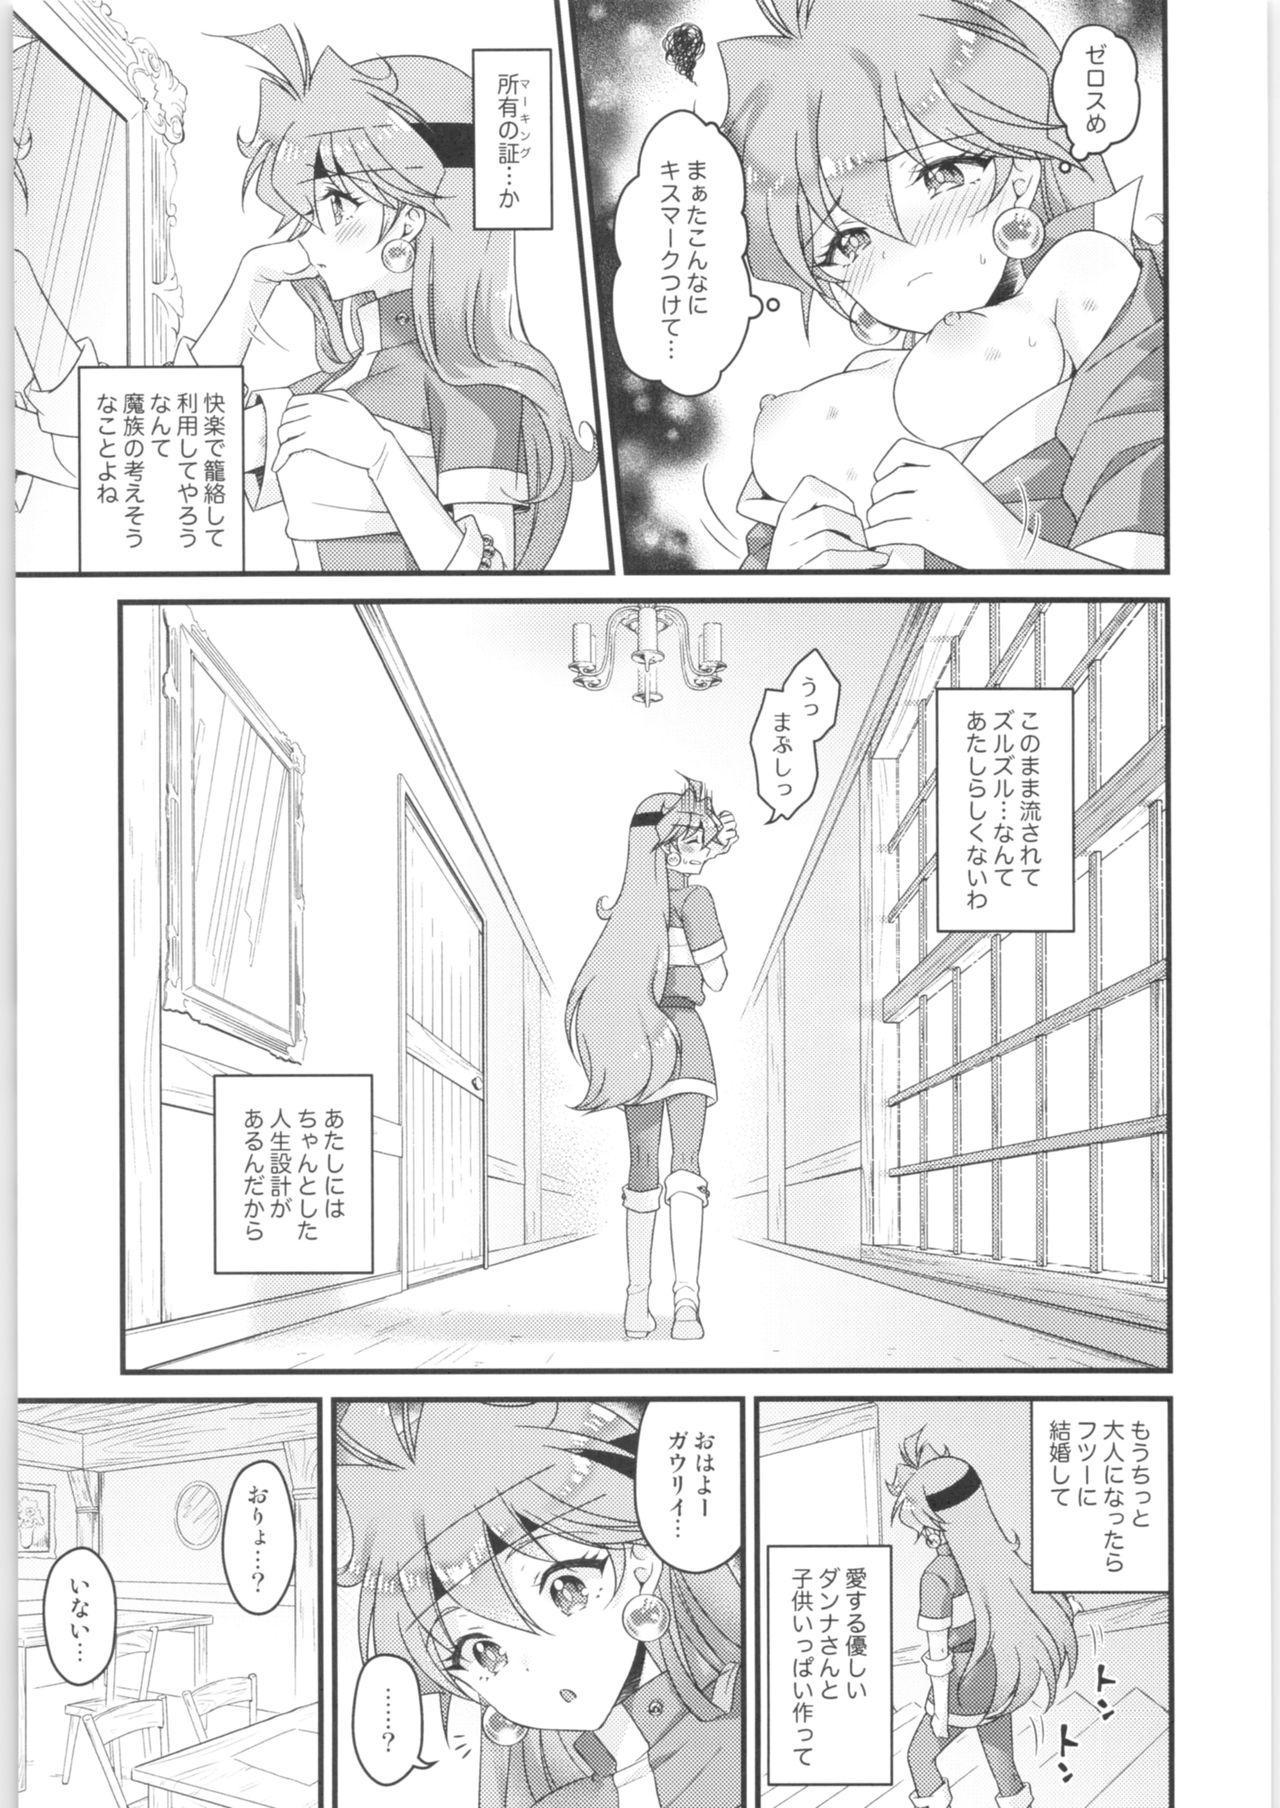 Lina Inverse Juu Shinkan ni NTR Kanochi 5